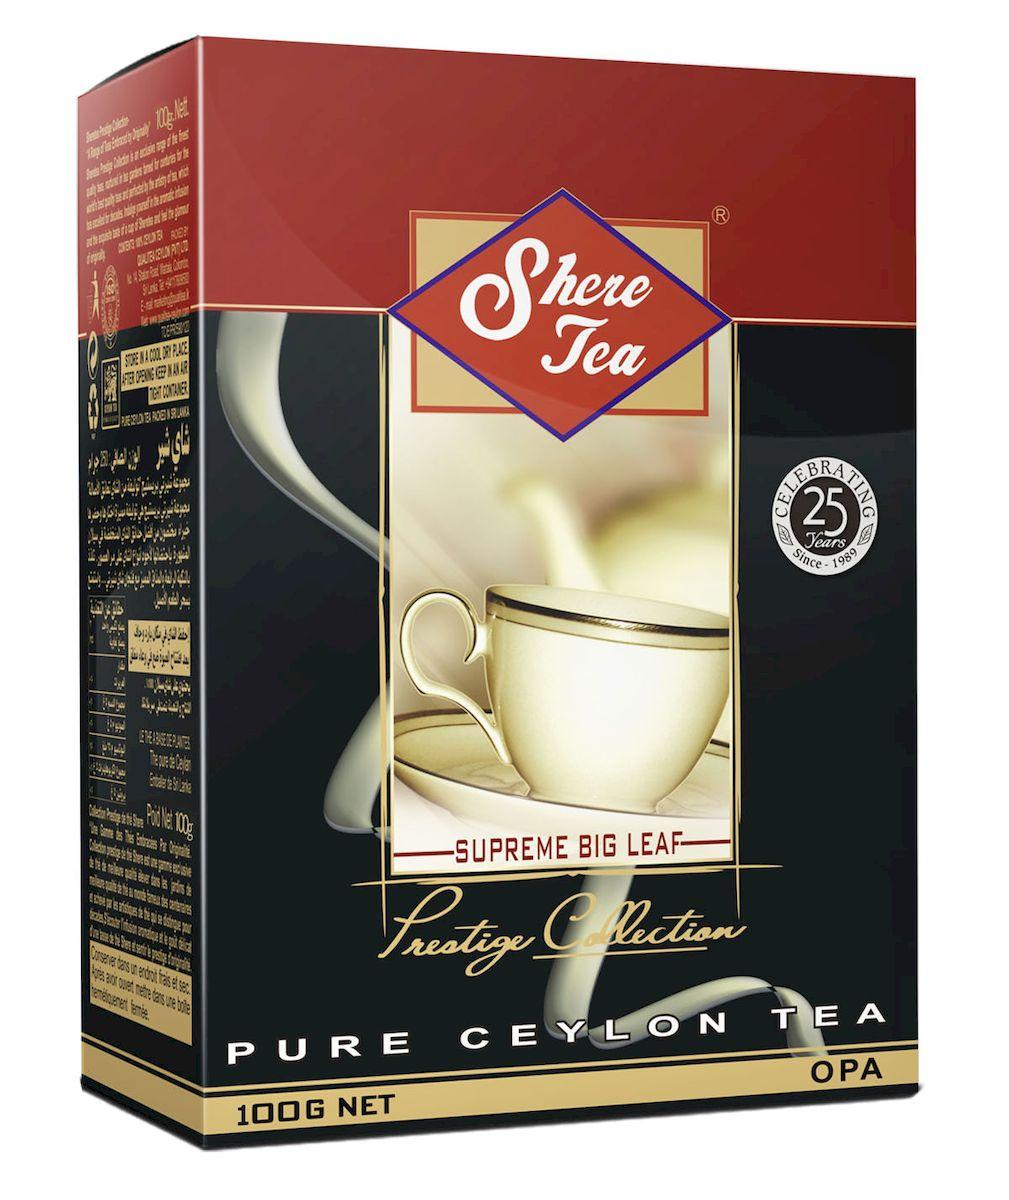 Shere Tea Престижная коллекция. OPА чай черный листовой, 100 г4791014000129Чай Шери престижная коллекция. Листья для этого чая собирают с кустов после того, как почки полностью раскрываются. Для этого сорта собирают первый и второй лист с ветки. В сухой заварке листья должны быть крупными (от 8 до 15 мм), однородными, хорошо скрученными. Этот сорт практически не содержит типсов.Этот сорт имеет достаточно высокое содержание ароматических масел, и поэтому настой чай очень ароматен. Также этот чай характерен вкусом с горчинкой благодаря большому содержанию дубильных веществ. Кофеина в этом чае немного меньше, так как в нем используют более взрослые листы, в которых содержание кофеина меньше, чем в типсах и молодых листах. Чай имеет яркий, прозрачный, интенсивный, настой. Аромат чая полный, приятный, выражен достаточно ярко.Всё о чае: сорта, факты, советы по выбору и употреблению. Статья OZON Гид